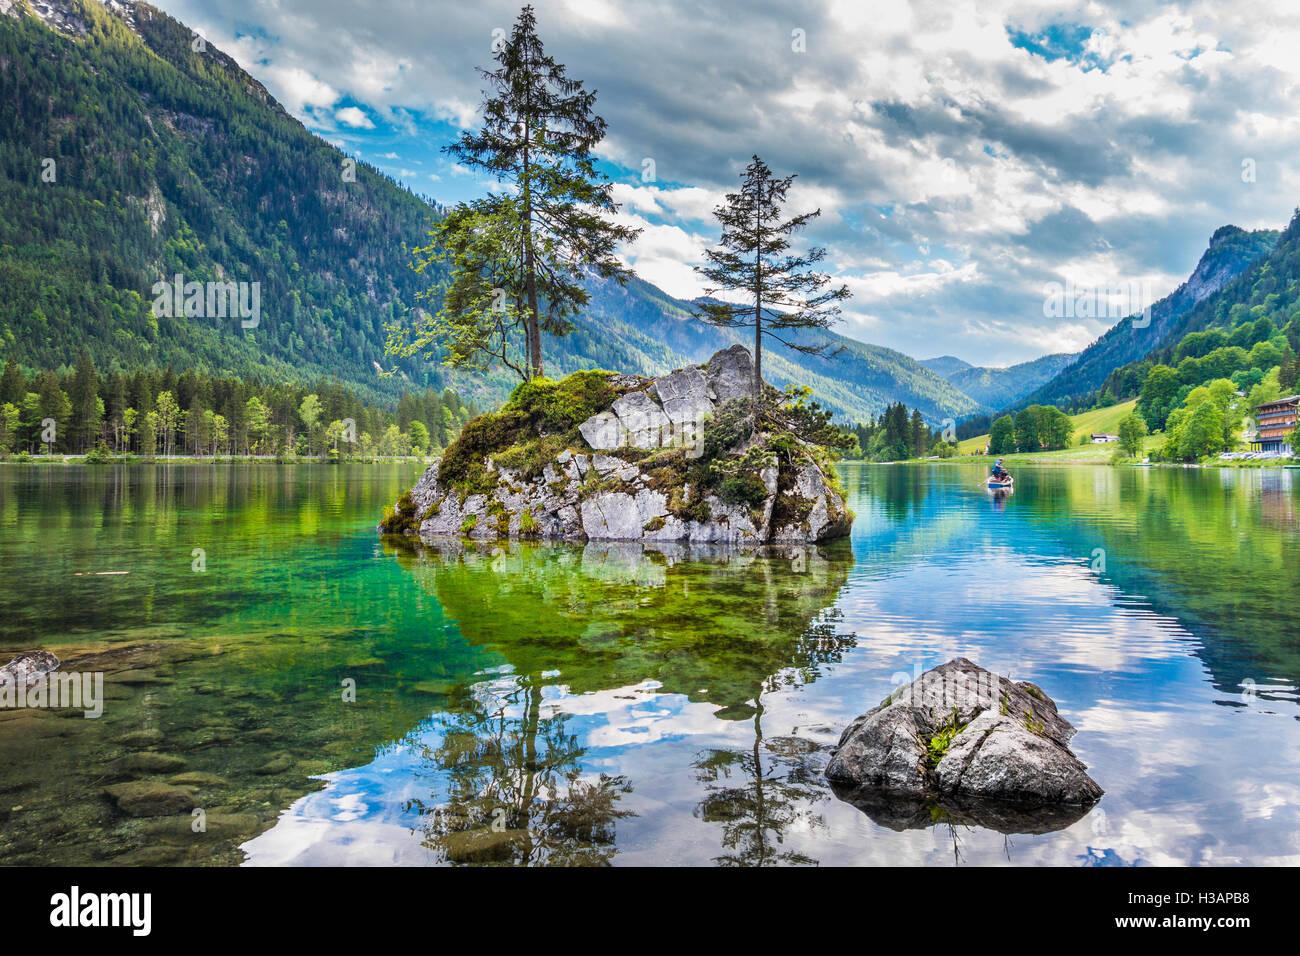 Bellissima scena di alberi su un isola di roccia in uno scenario idilliaco presso l'incantevole lago di Hintersee, Immagini Stock